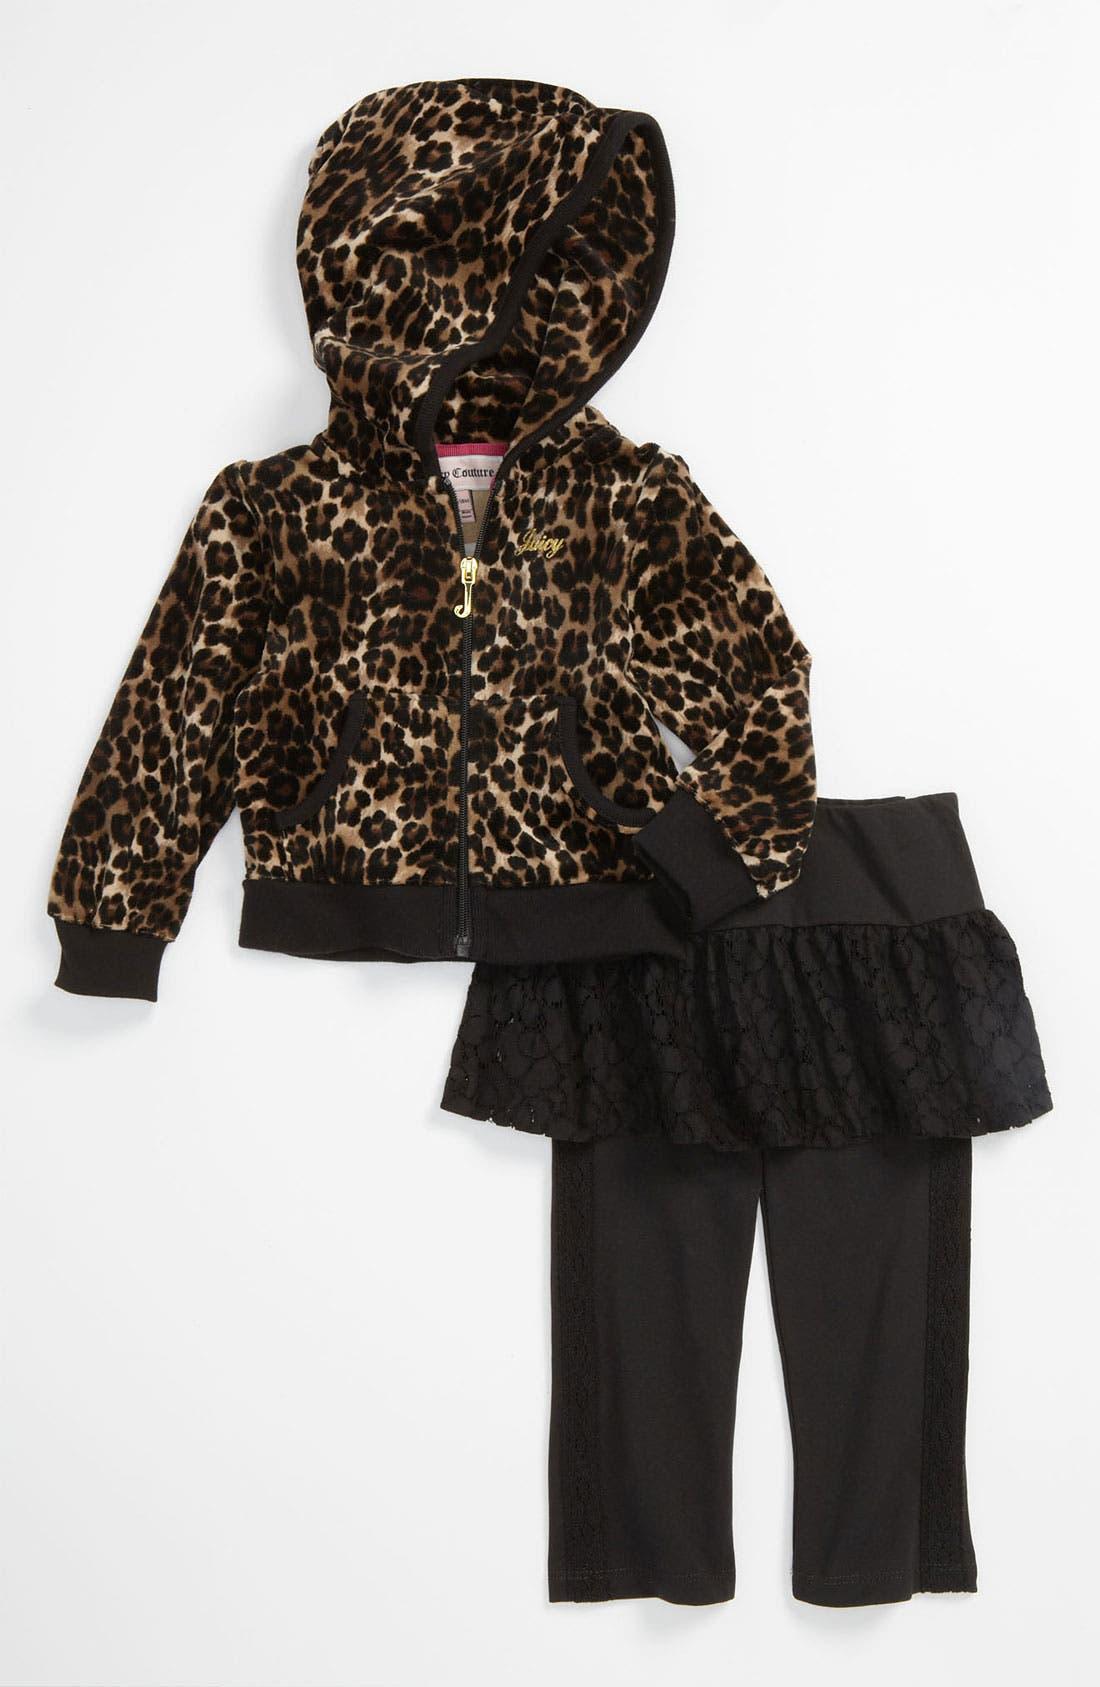 Alternate Image 1 Selected - Juicy Couture Hoodie & Leggings (Infant)